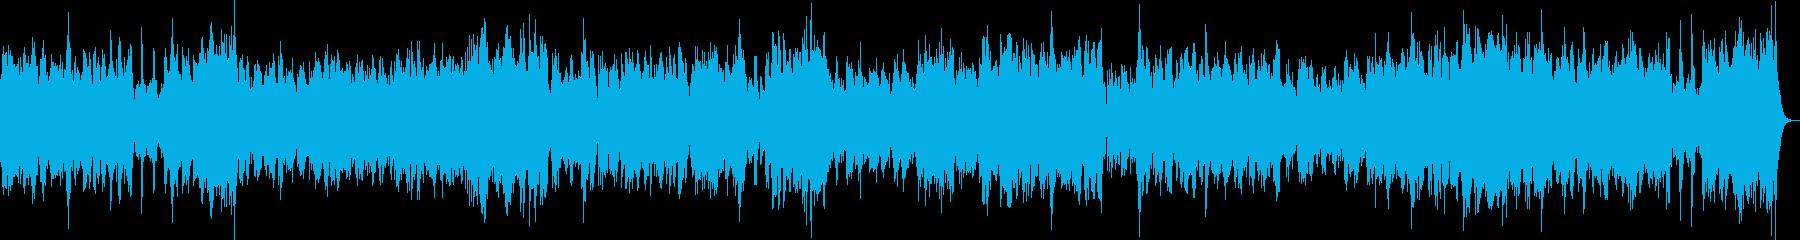 チェンバロの豪華な曲・3楽章(バッハ)の再生済みの波形